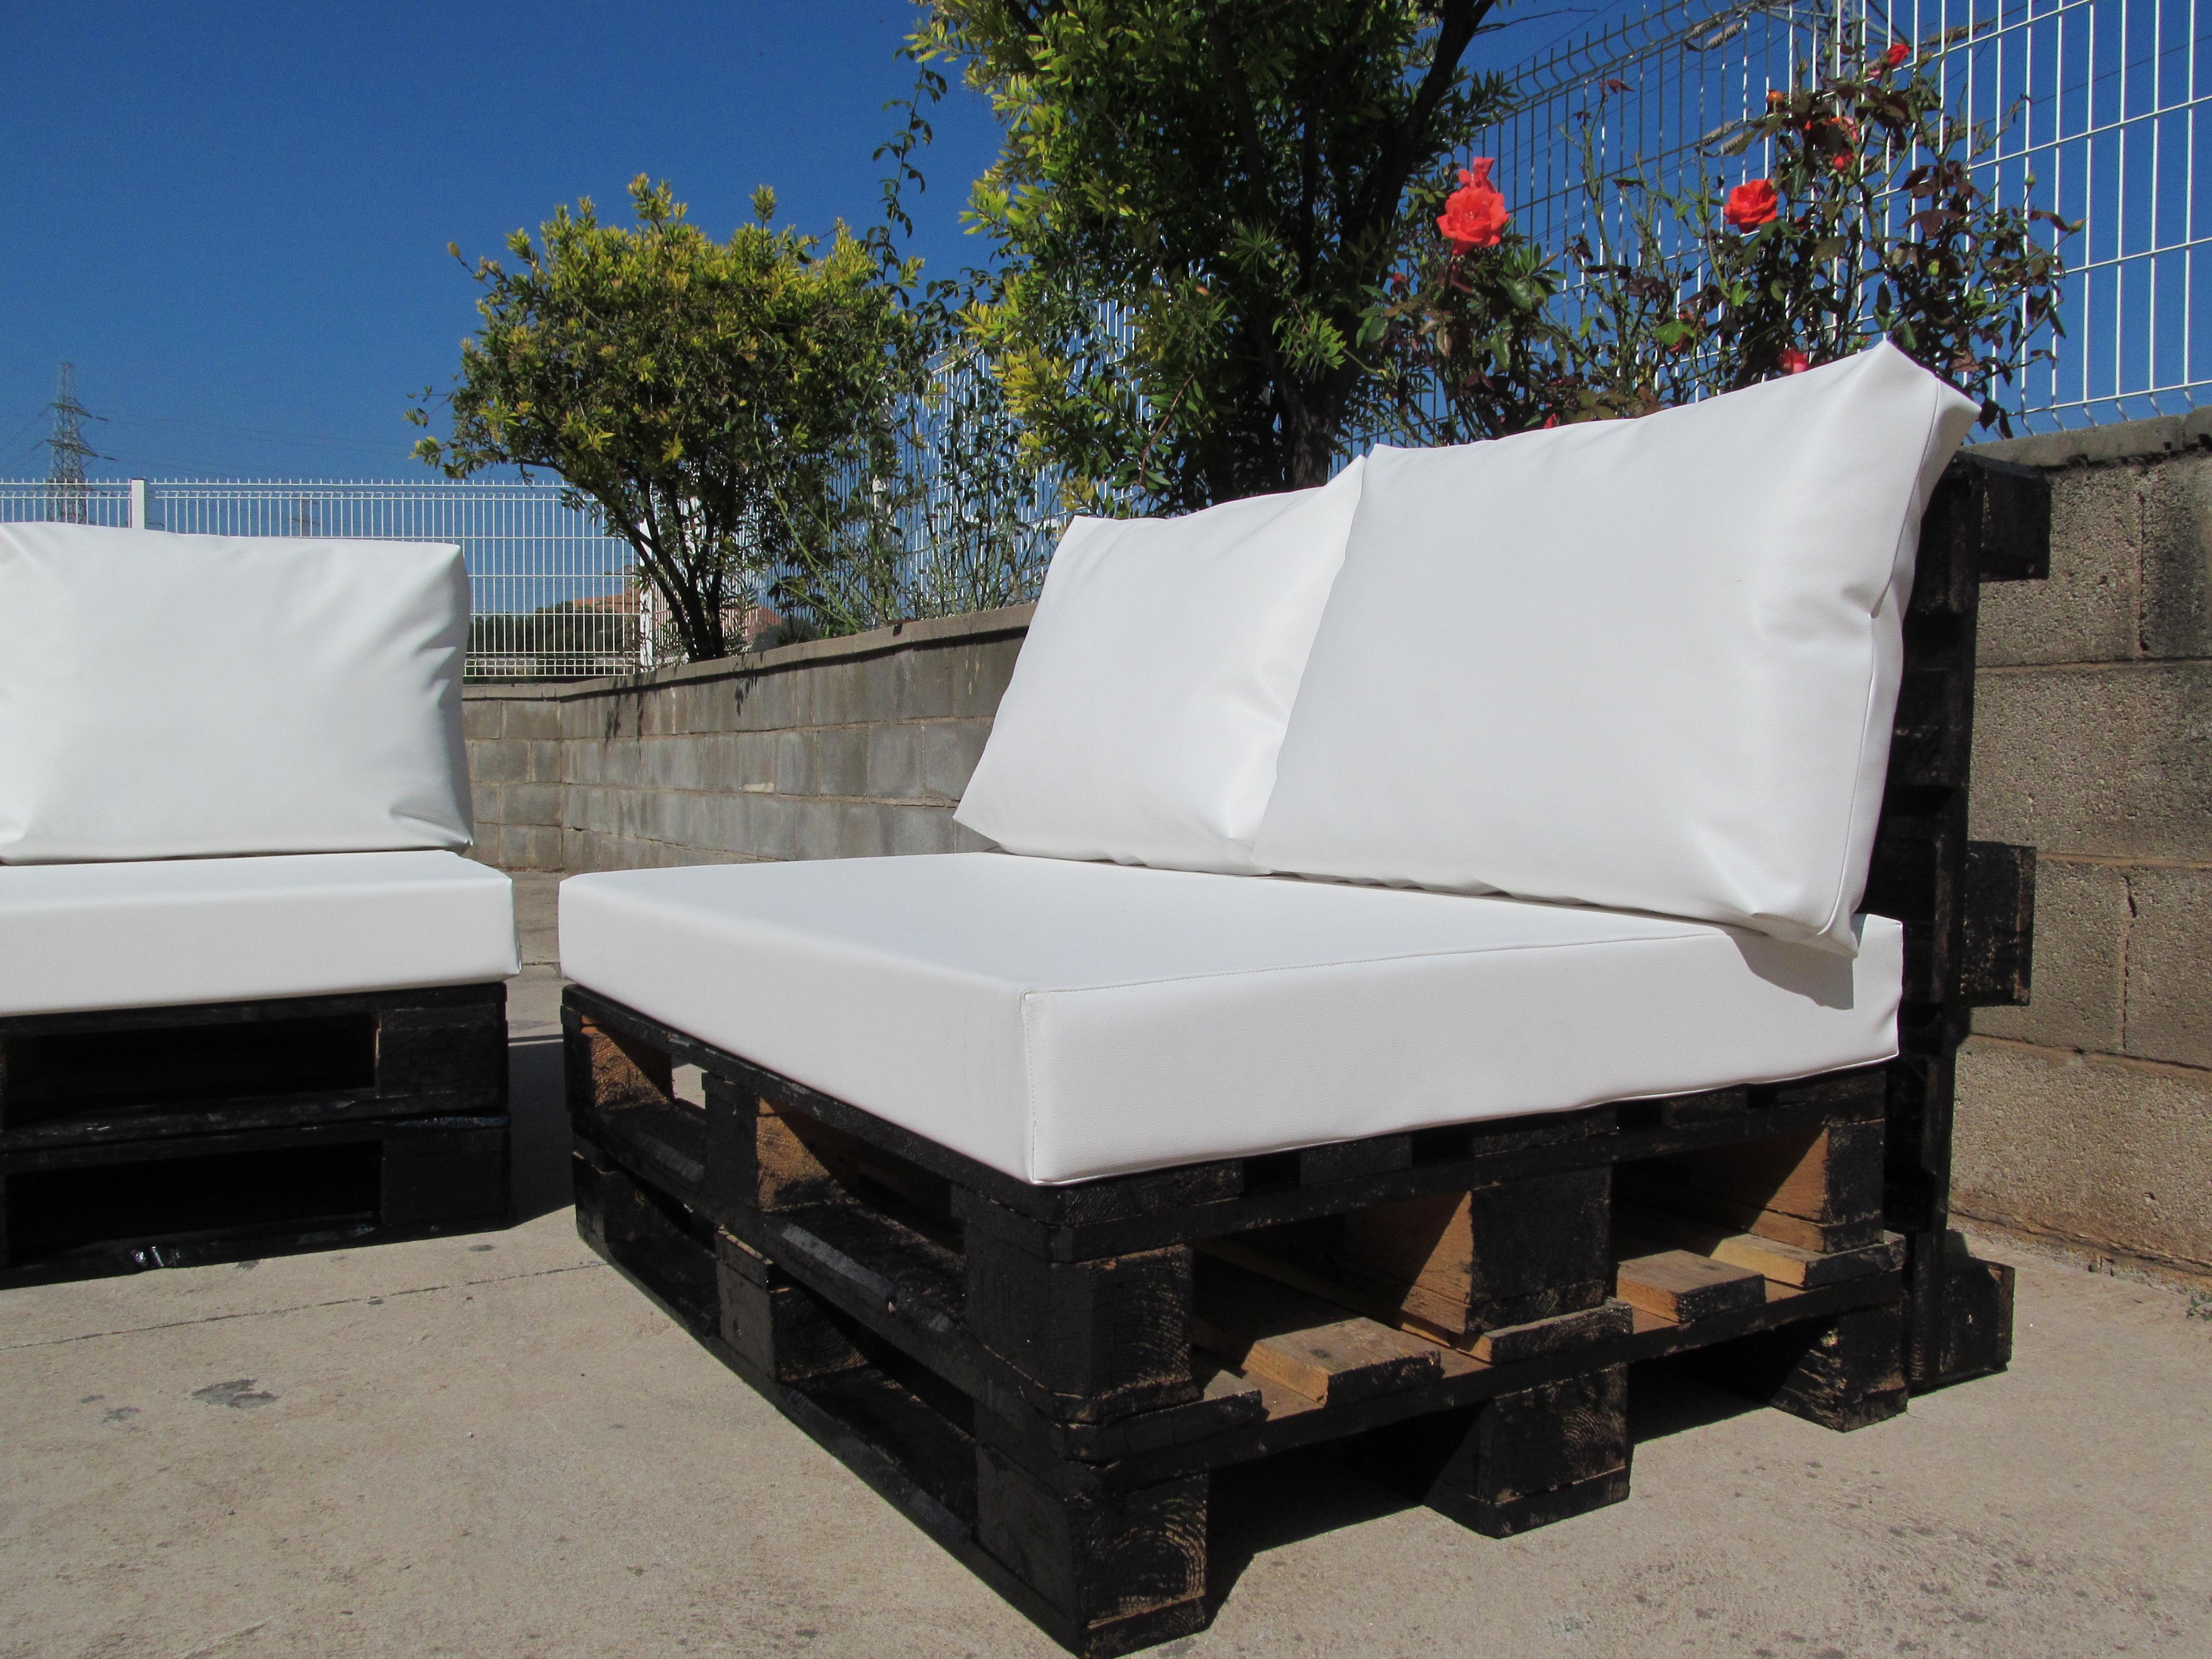 Coj N Sillones Exterior De Asiento # Cojines Muebles Terraza